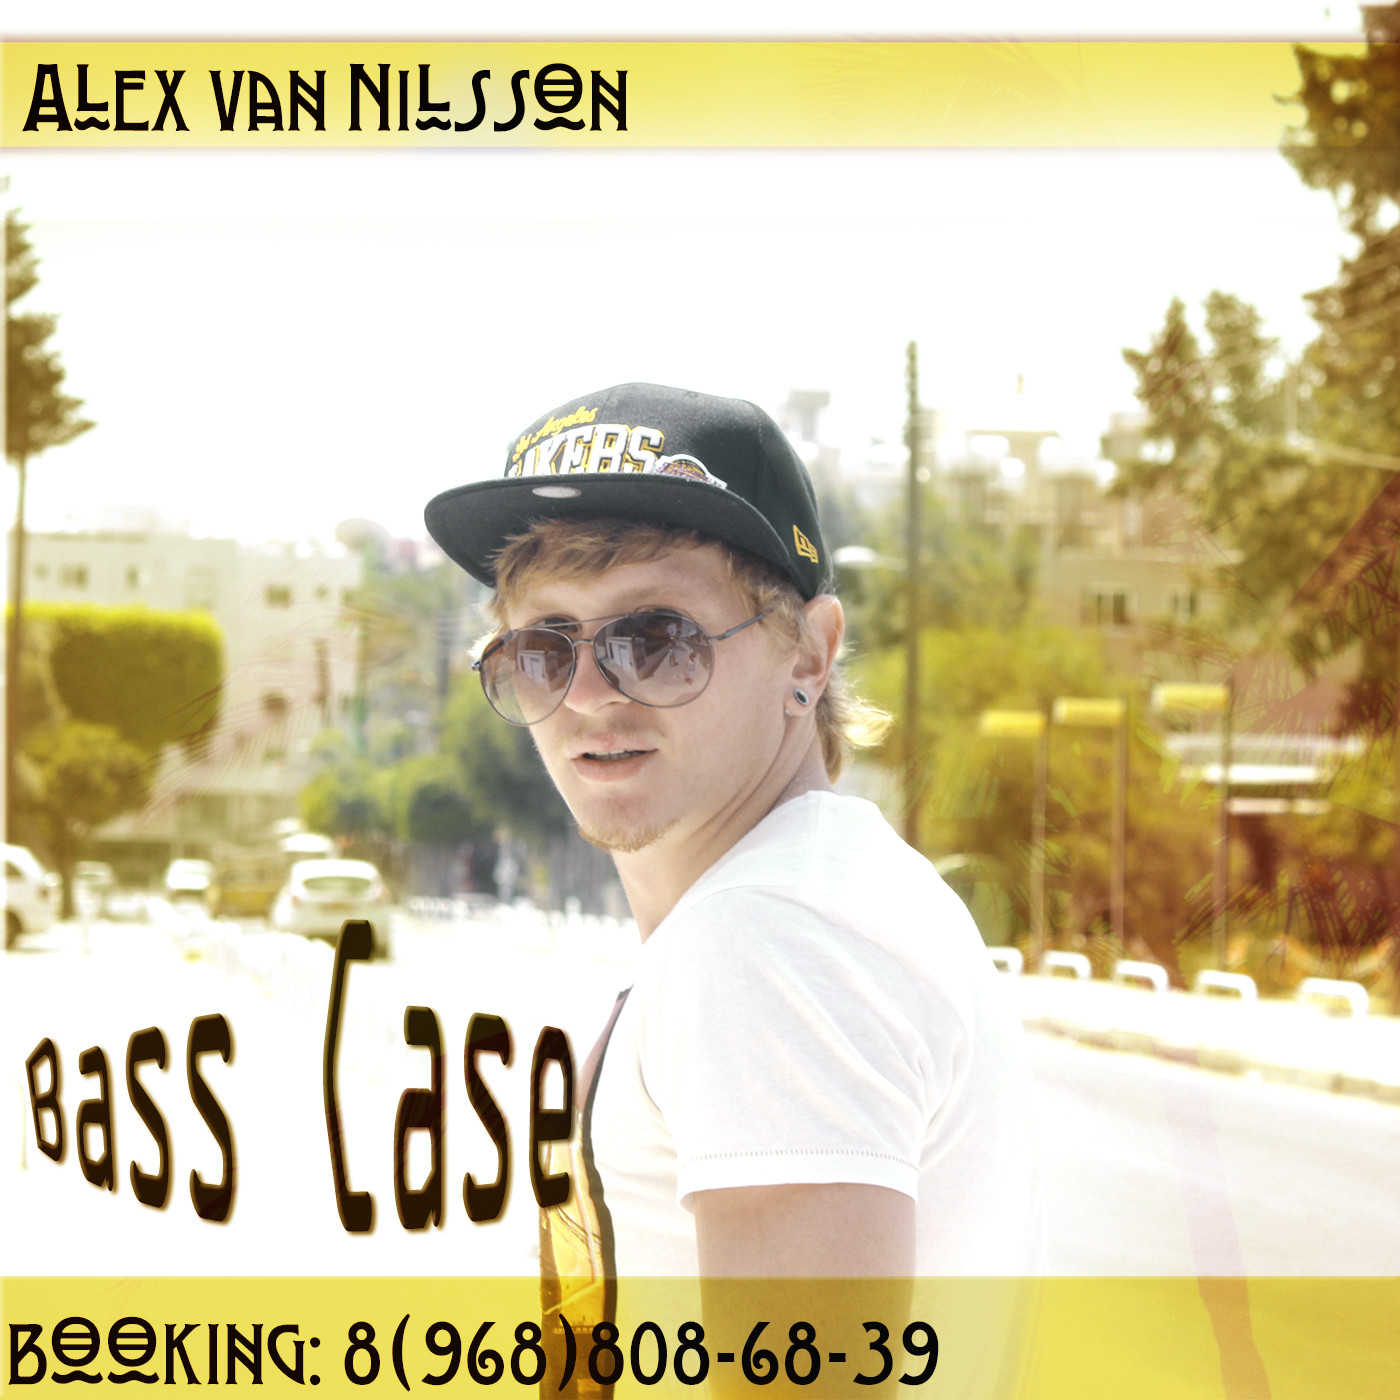 Dj Alex van Nilsson